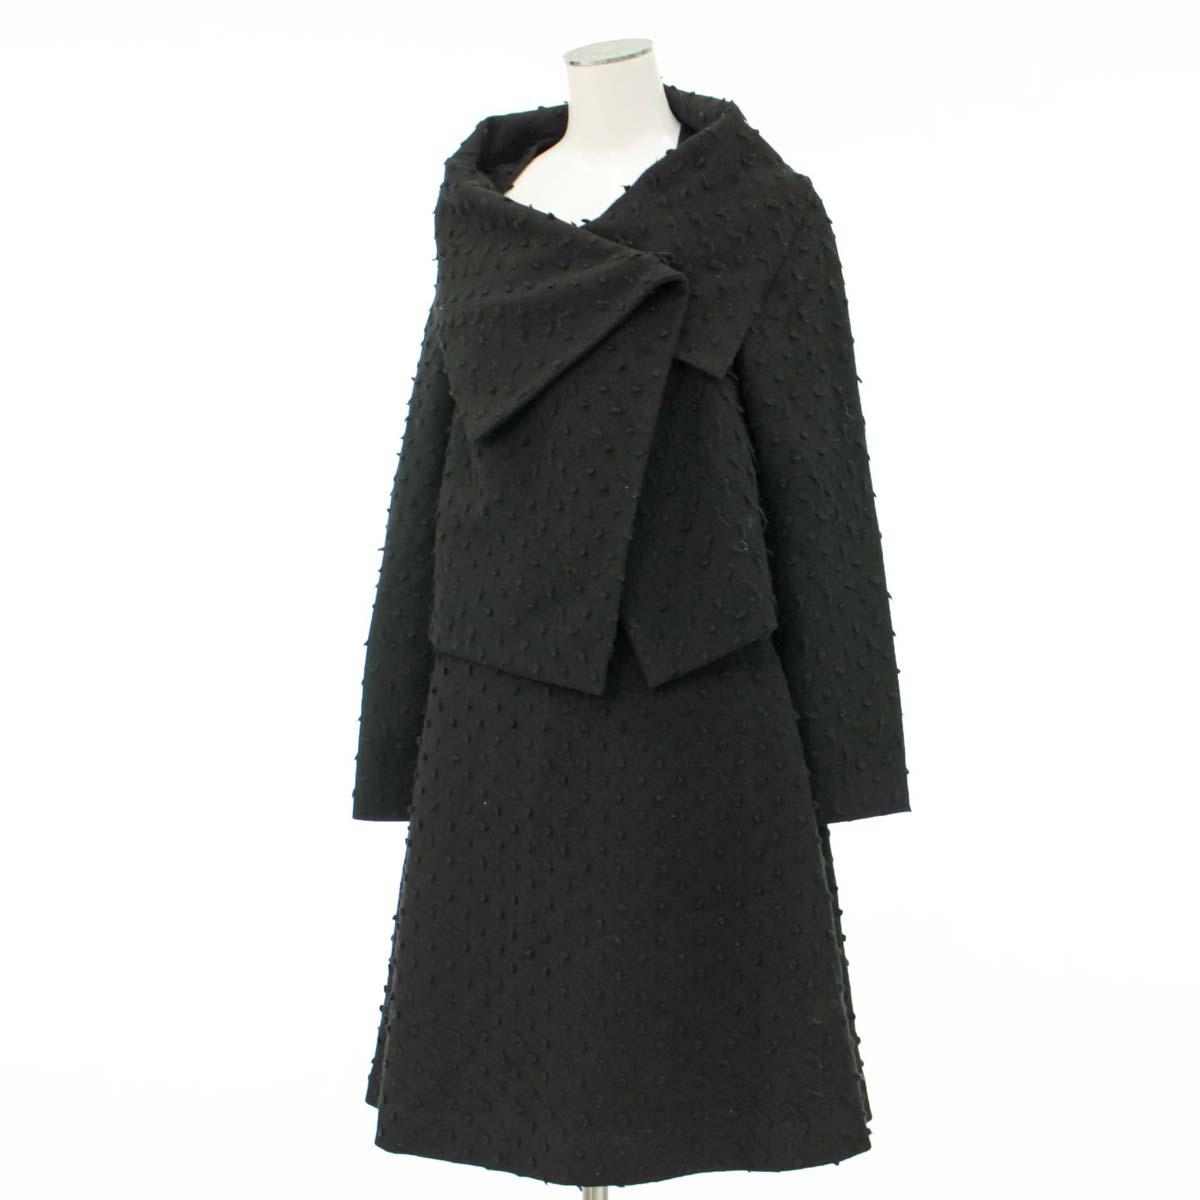 【中古】★ヴィヴィアンウエストウッド スカートスーツ サイズ2★  ブラック/黒/14226-CH0818